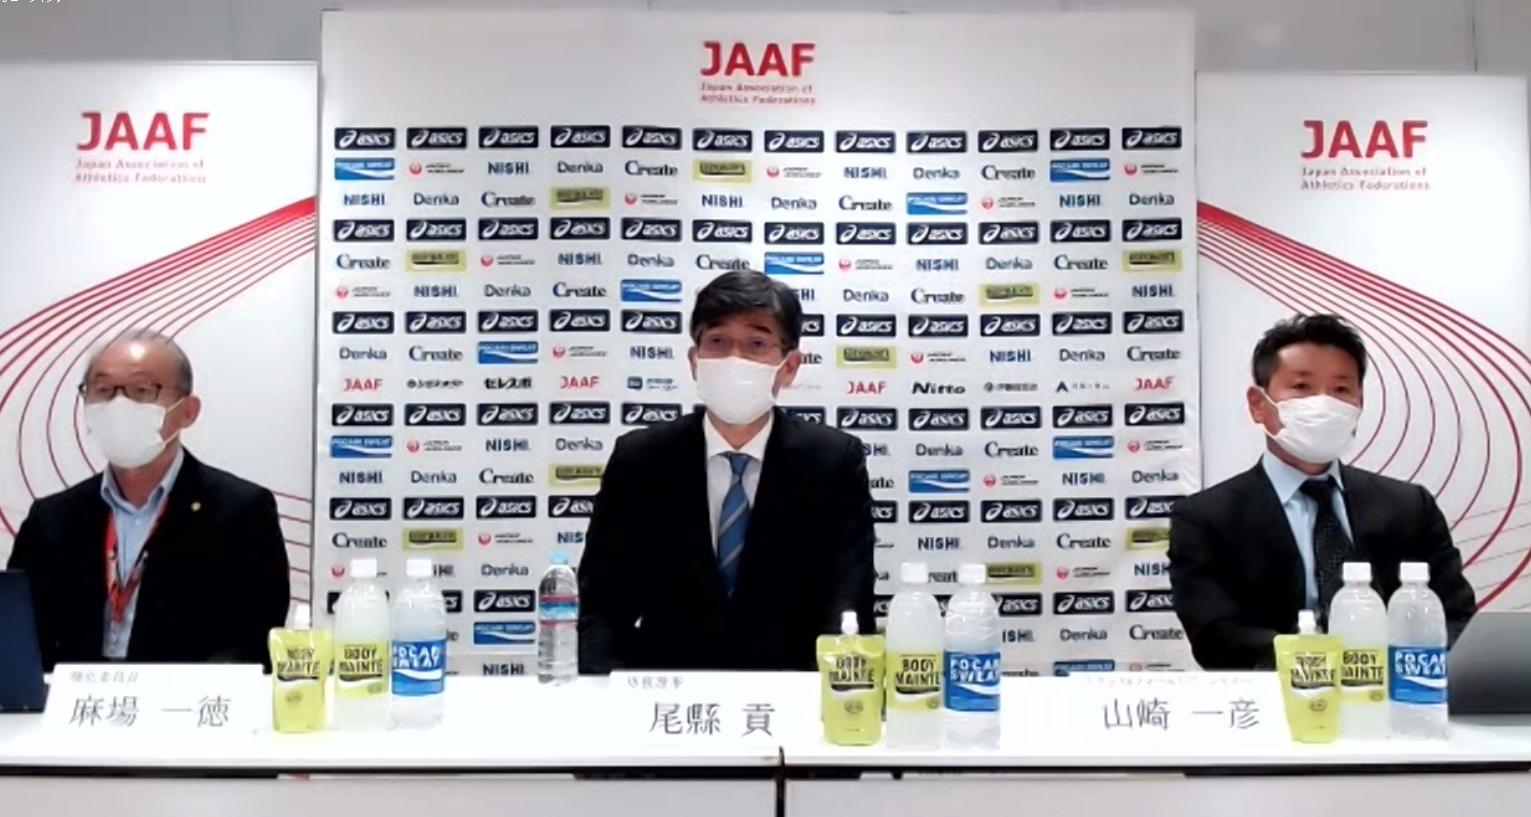 東京五輪へ日本陸連が強化方針発表 男子4継は五輪まで実戦予定なし